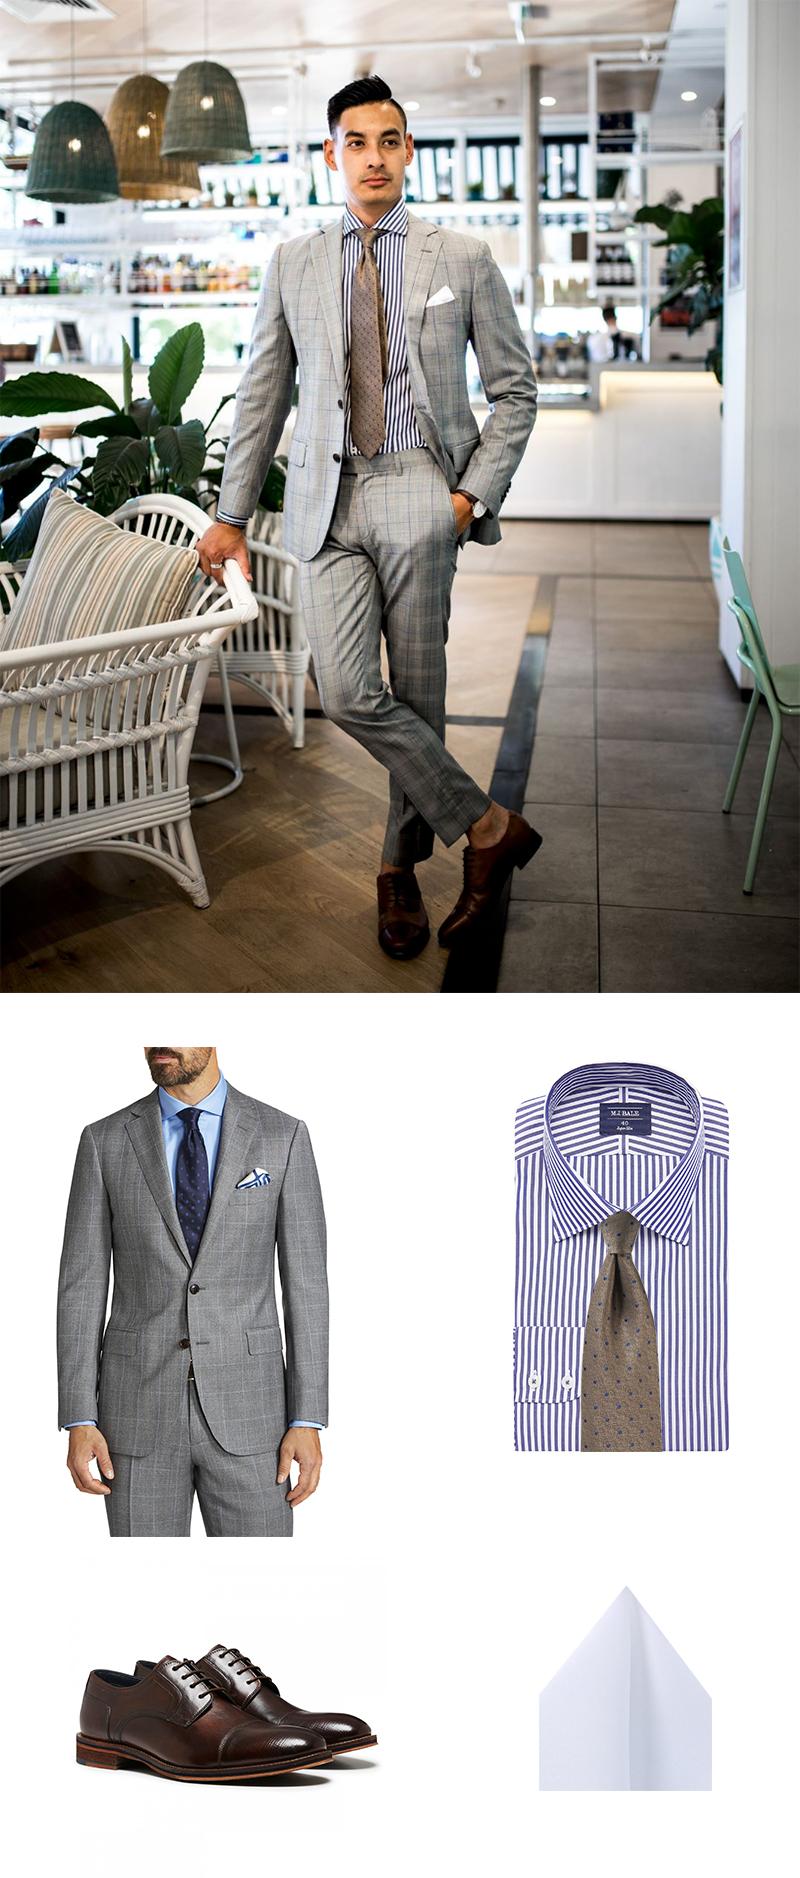 Designer Menswear Accessorizing